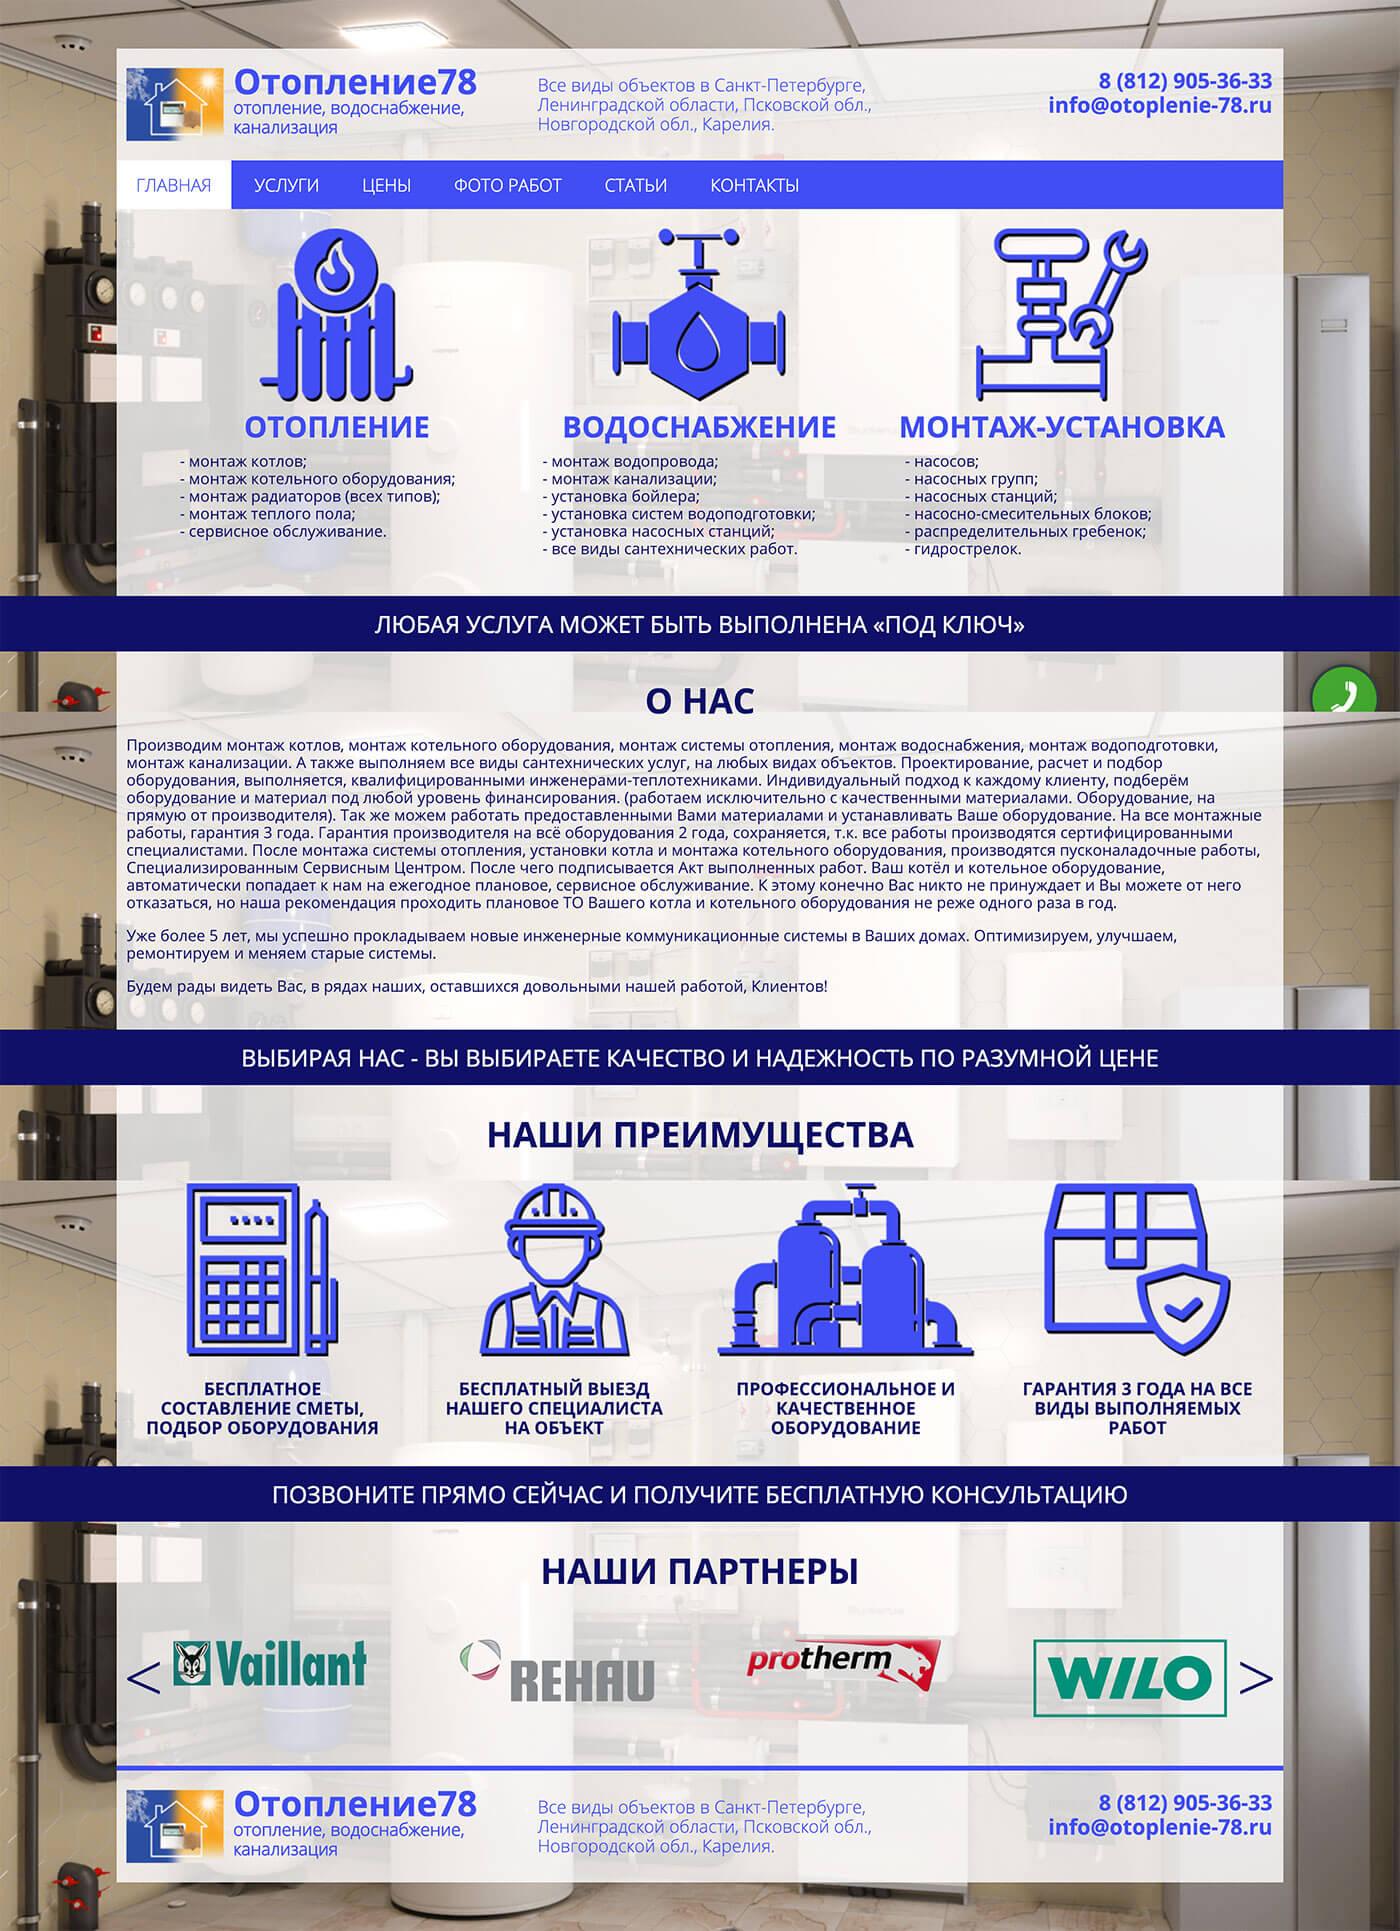 Сайт сервисной компании